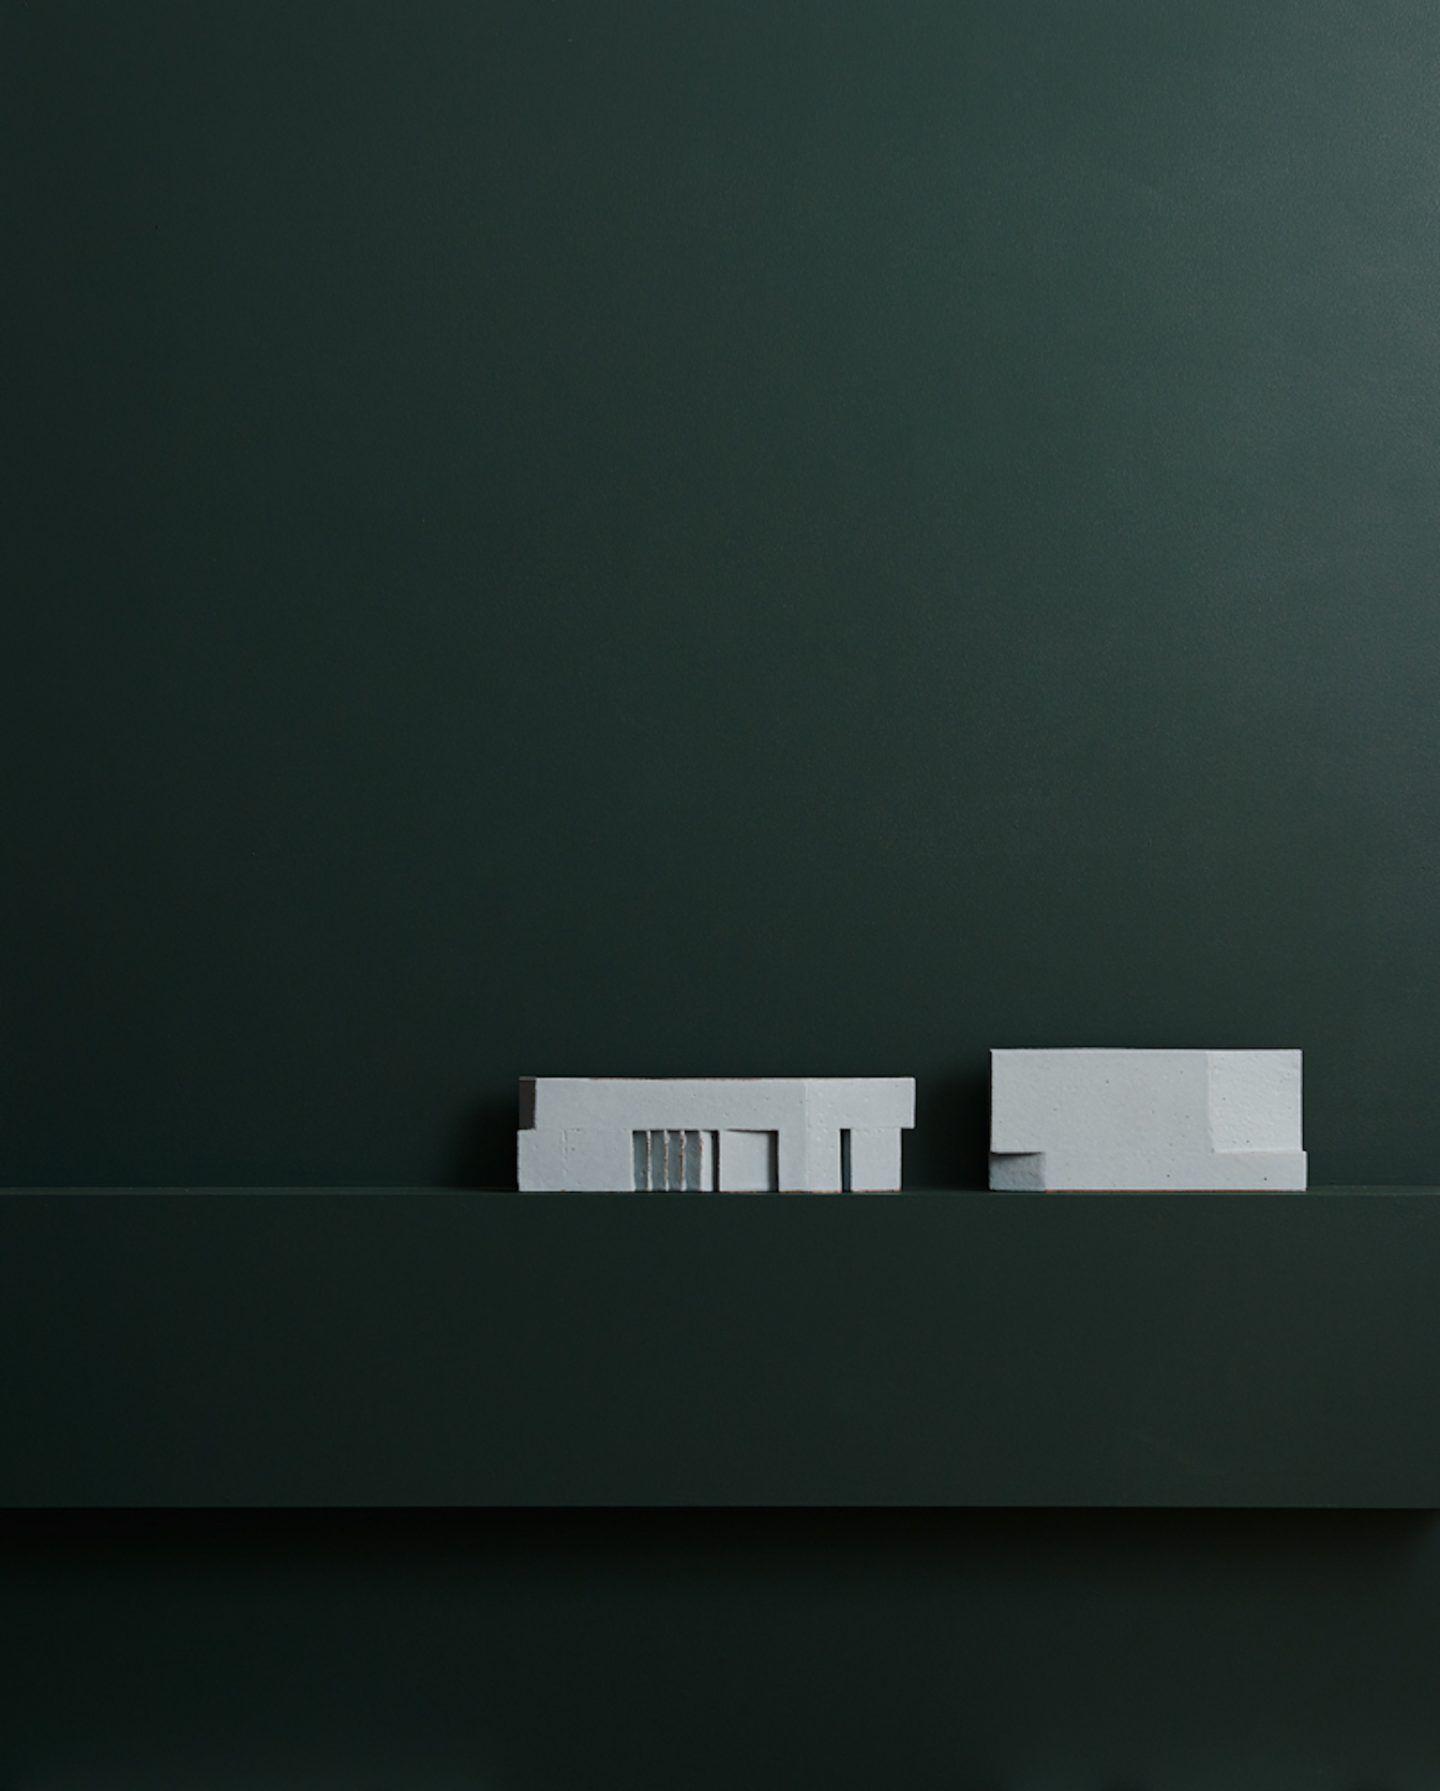 IGNANT-Design-Bruce-Rowe-Structures-012